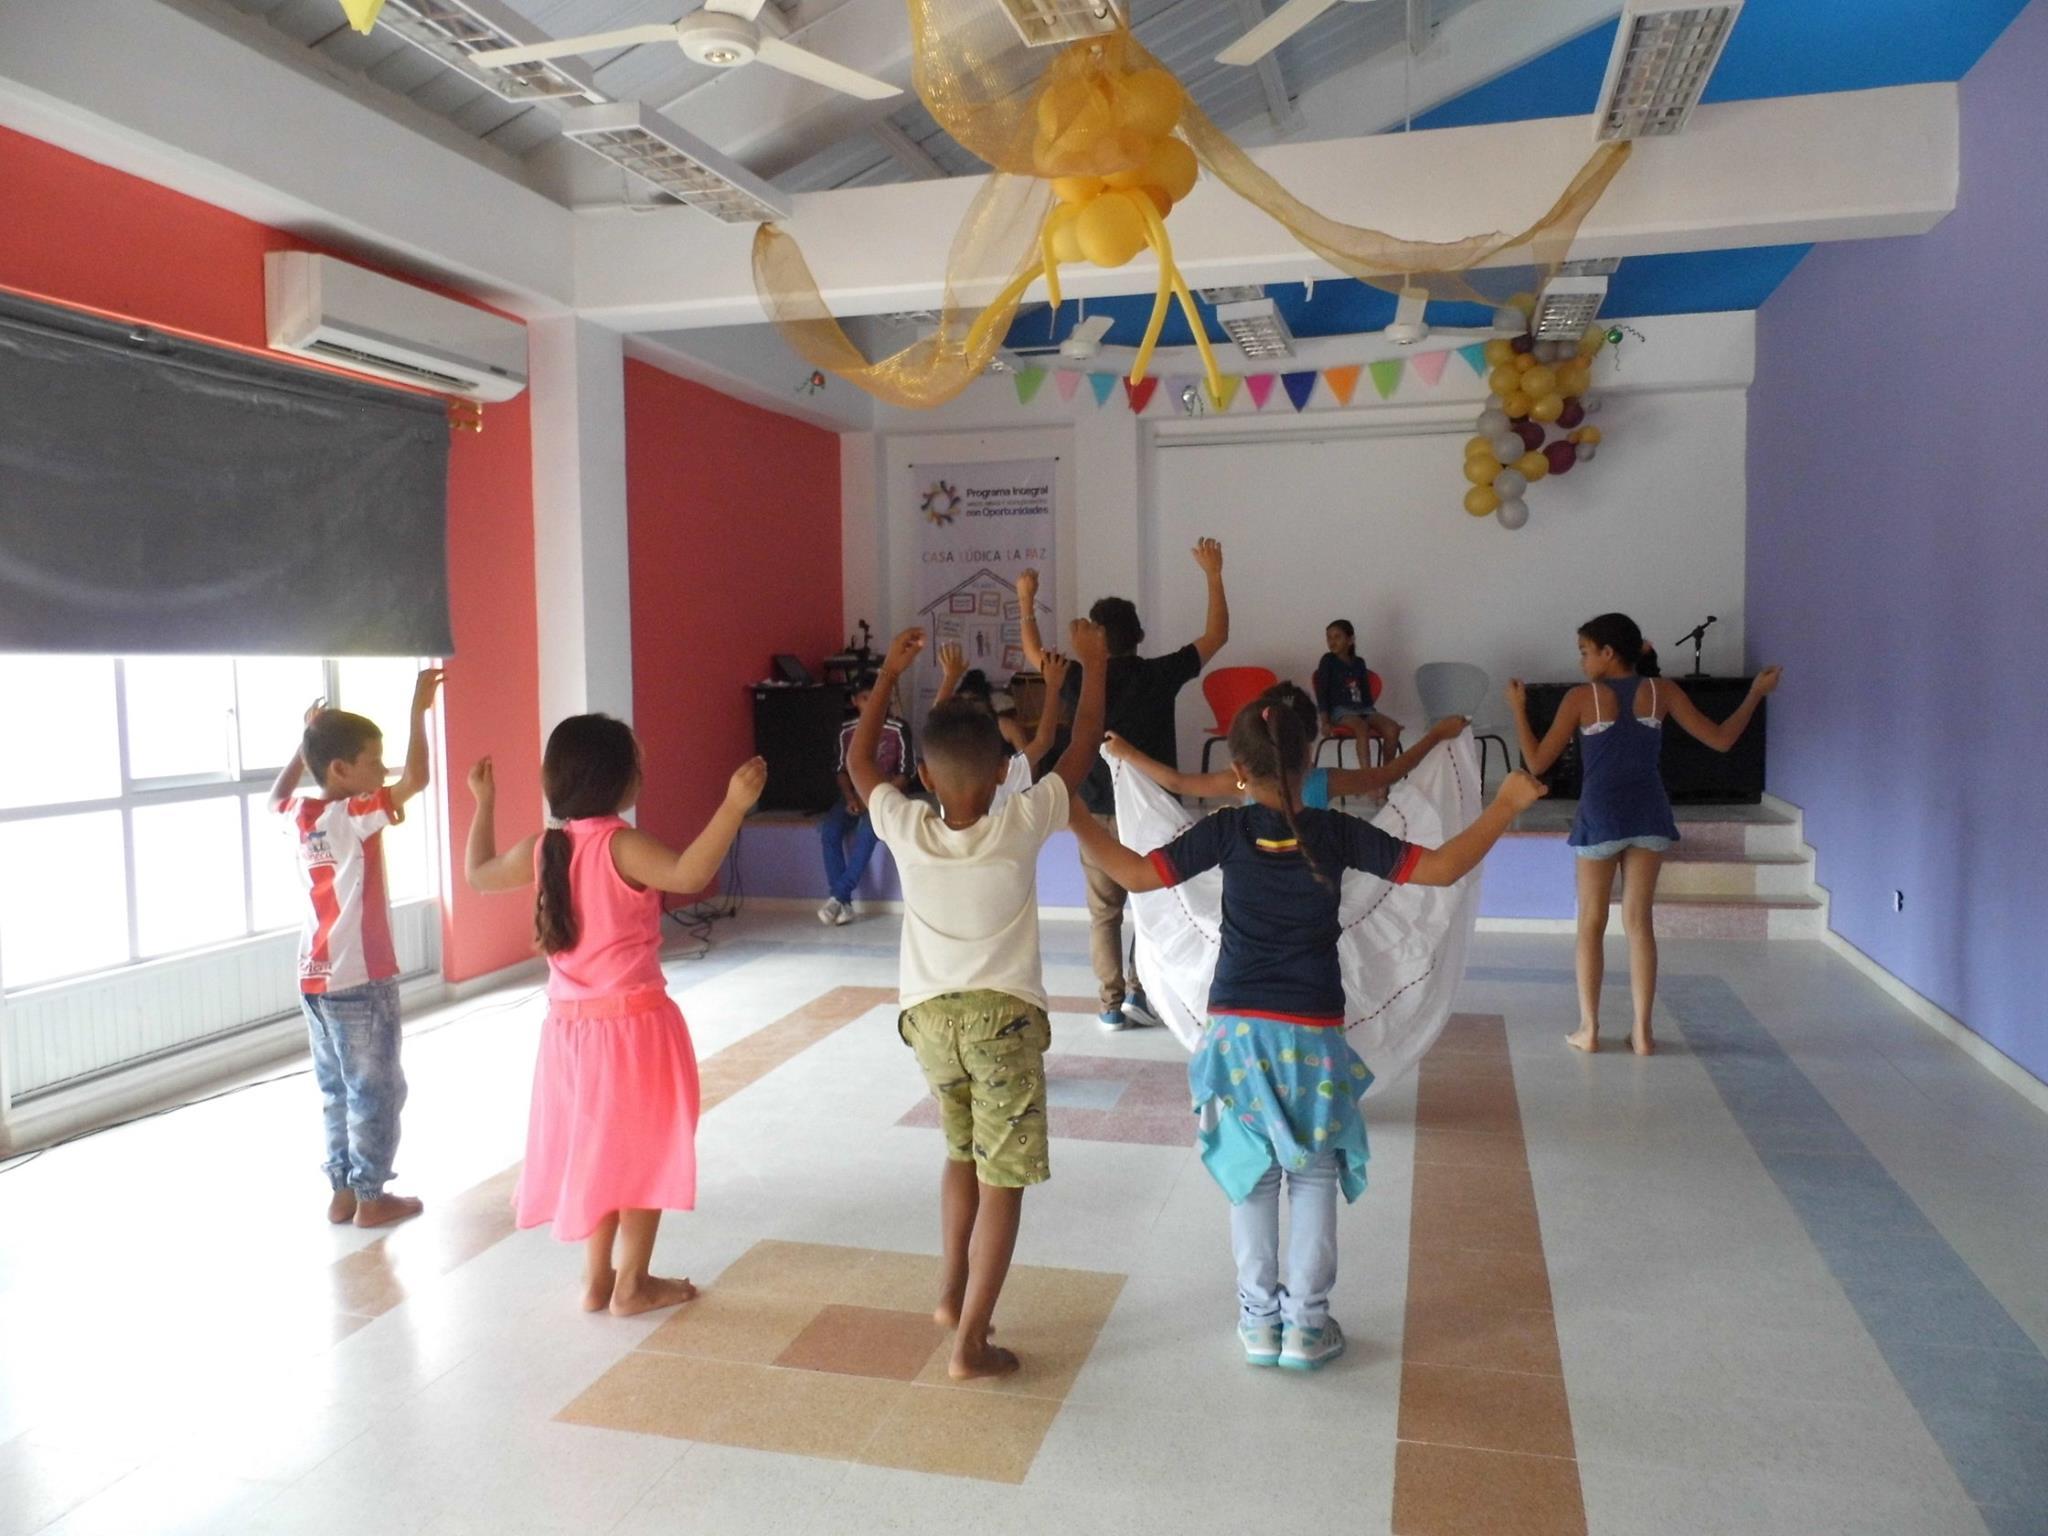 Danzas tradicionales y propias de la cultura Caribe se enseñan a niños y niñas.